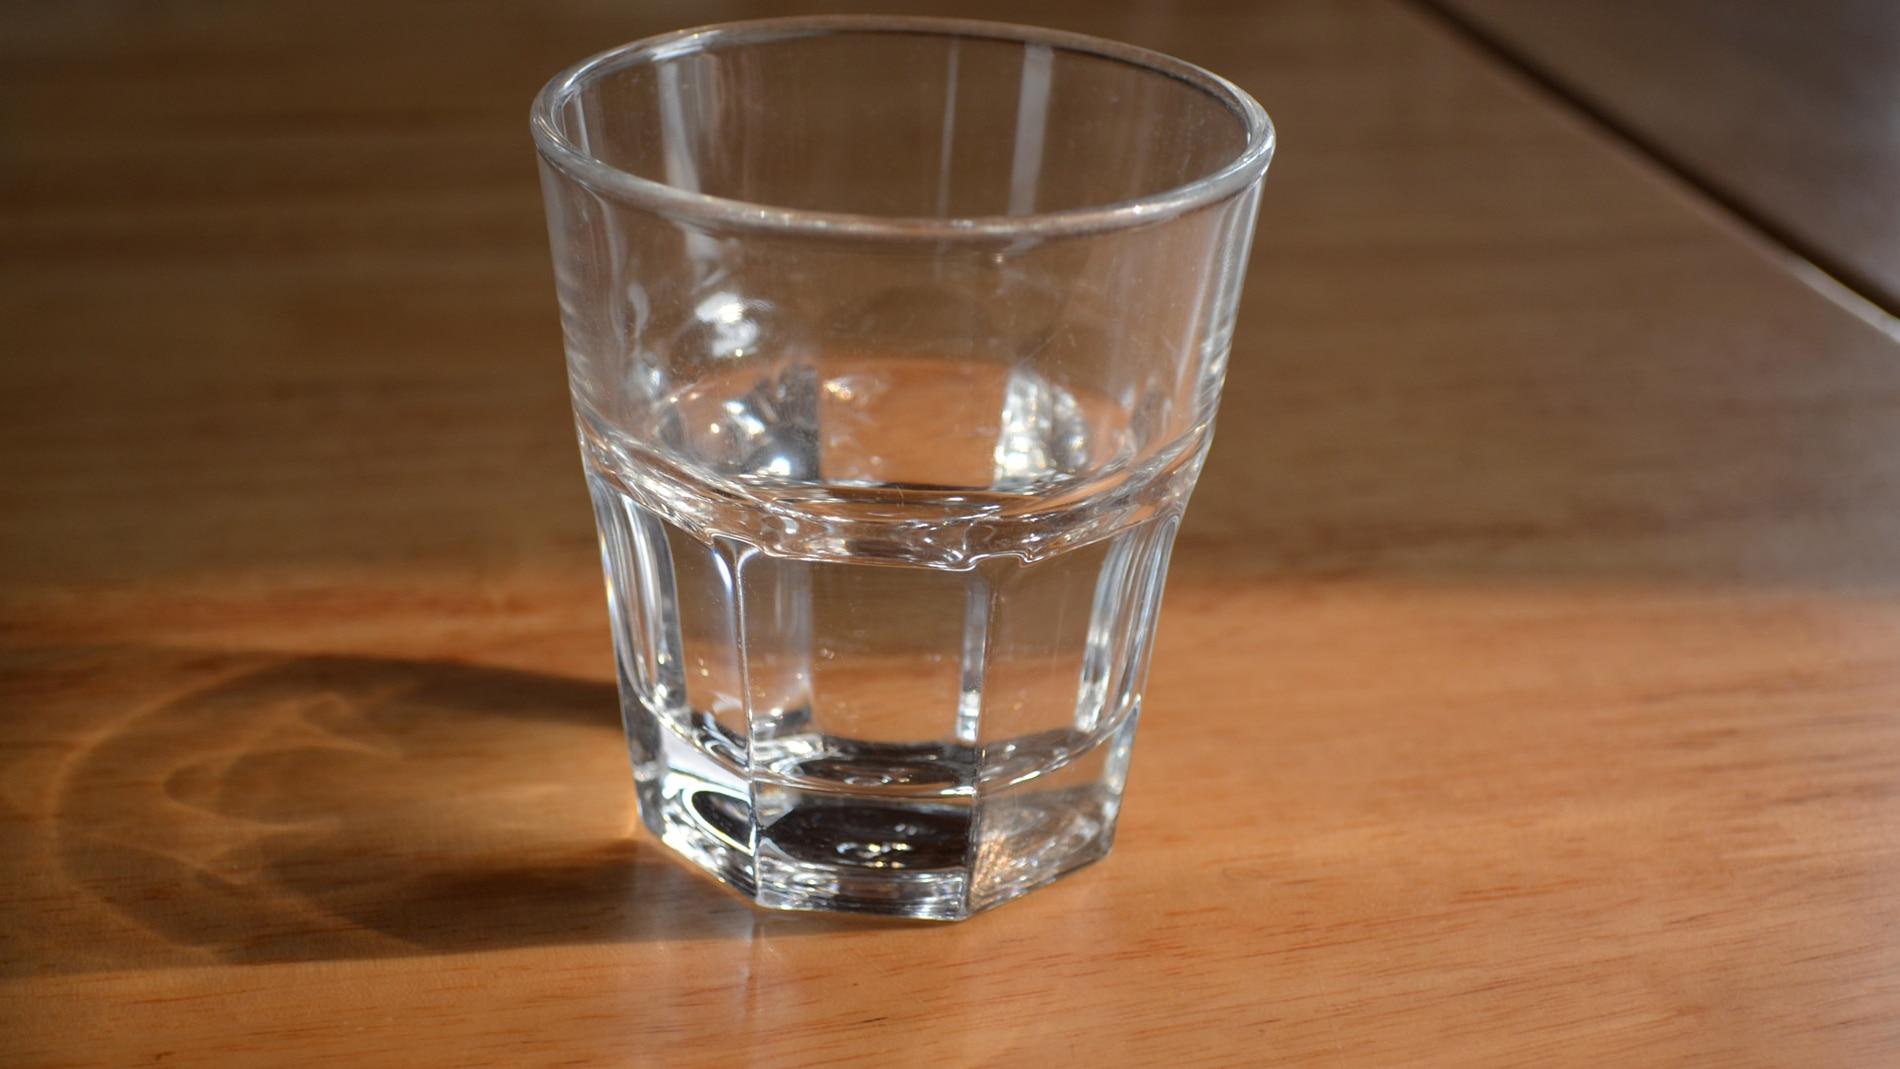 Echa cuentas y trata de recordar cuántos días lleva el vaso en la mesita